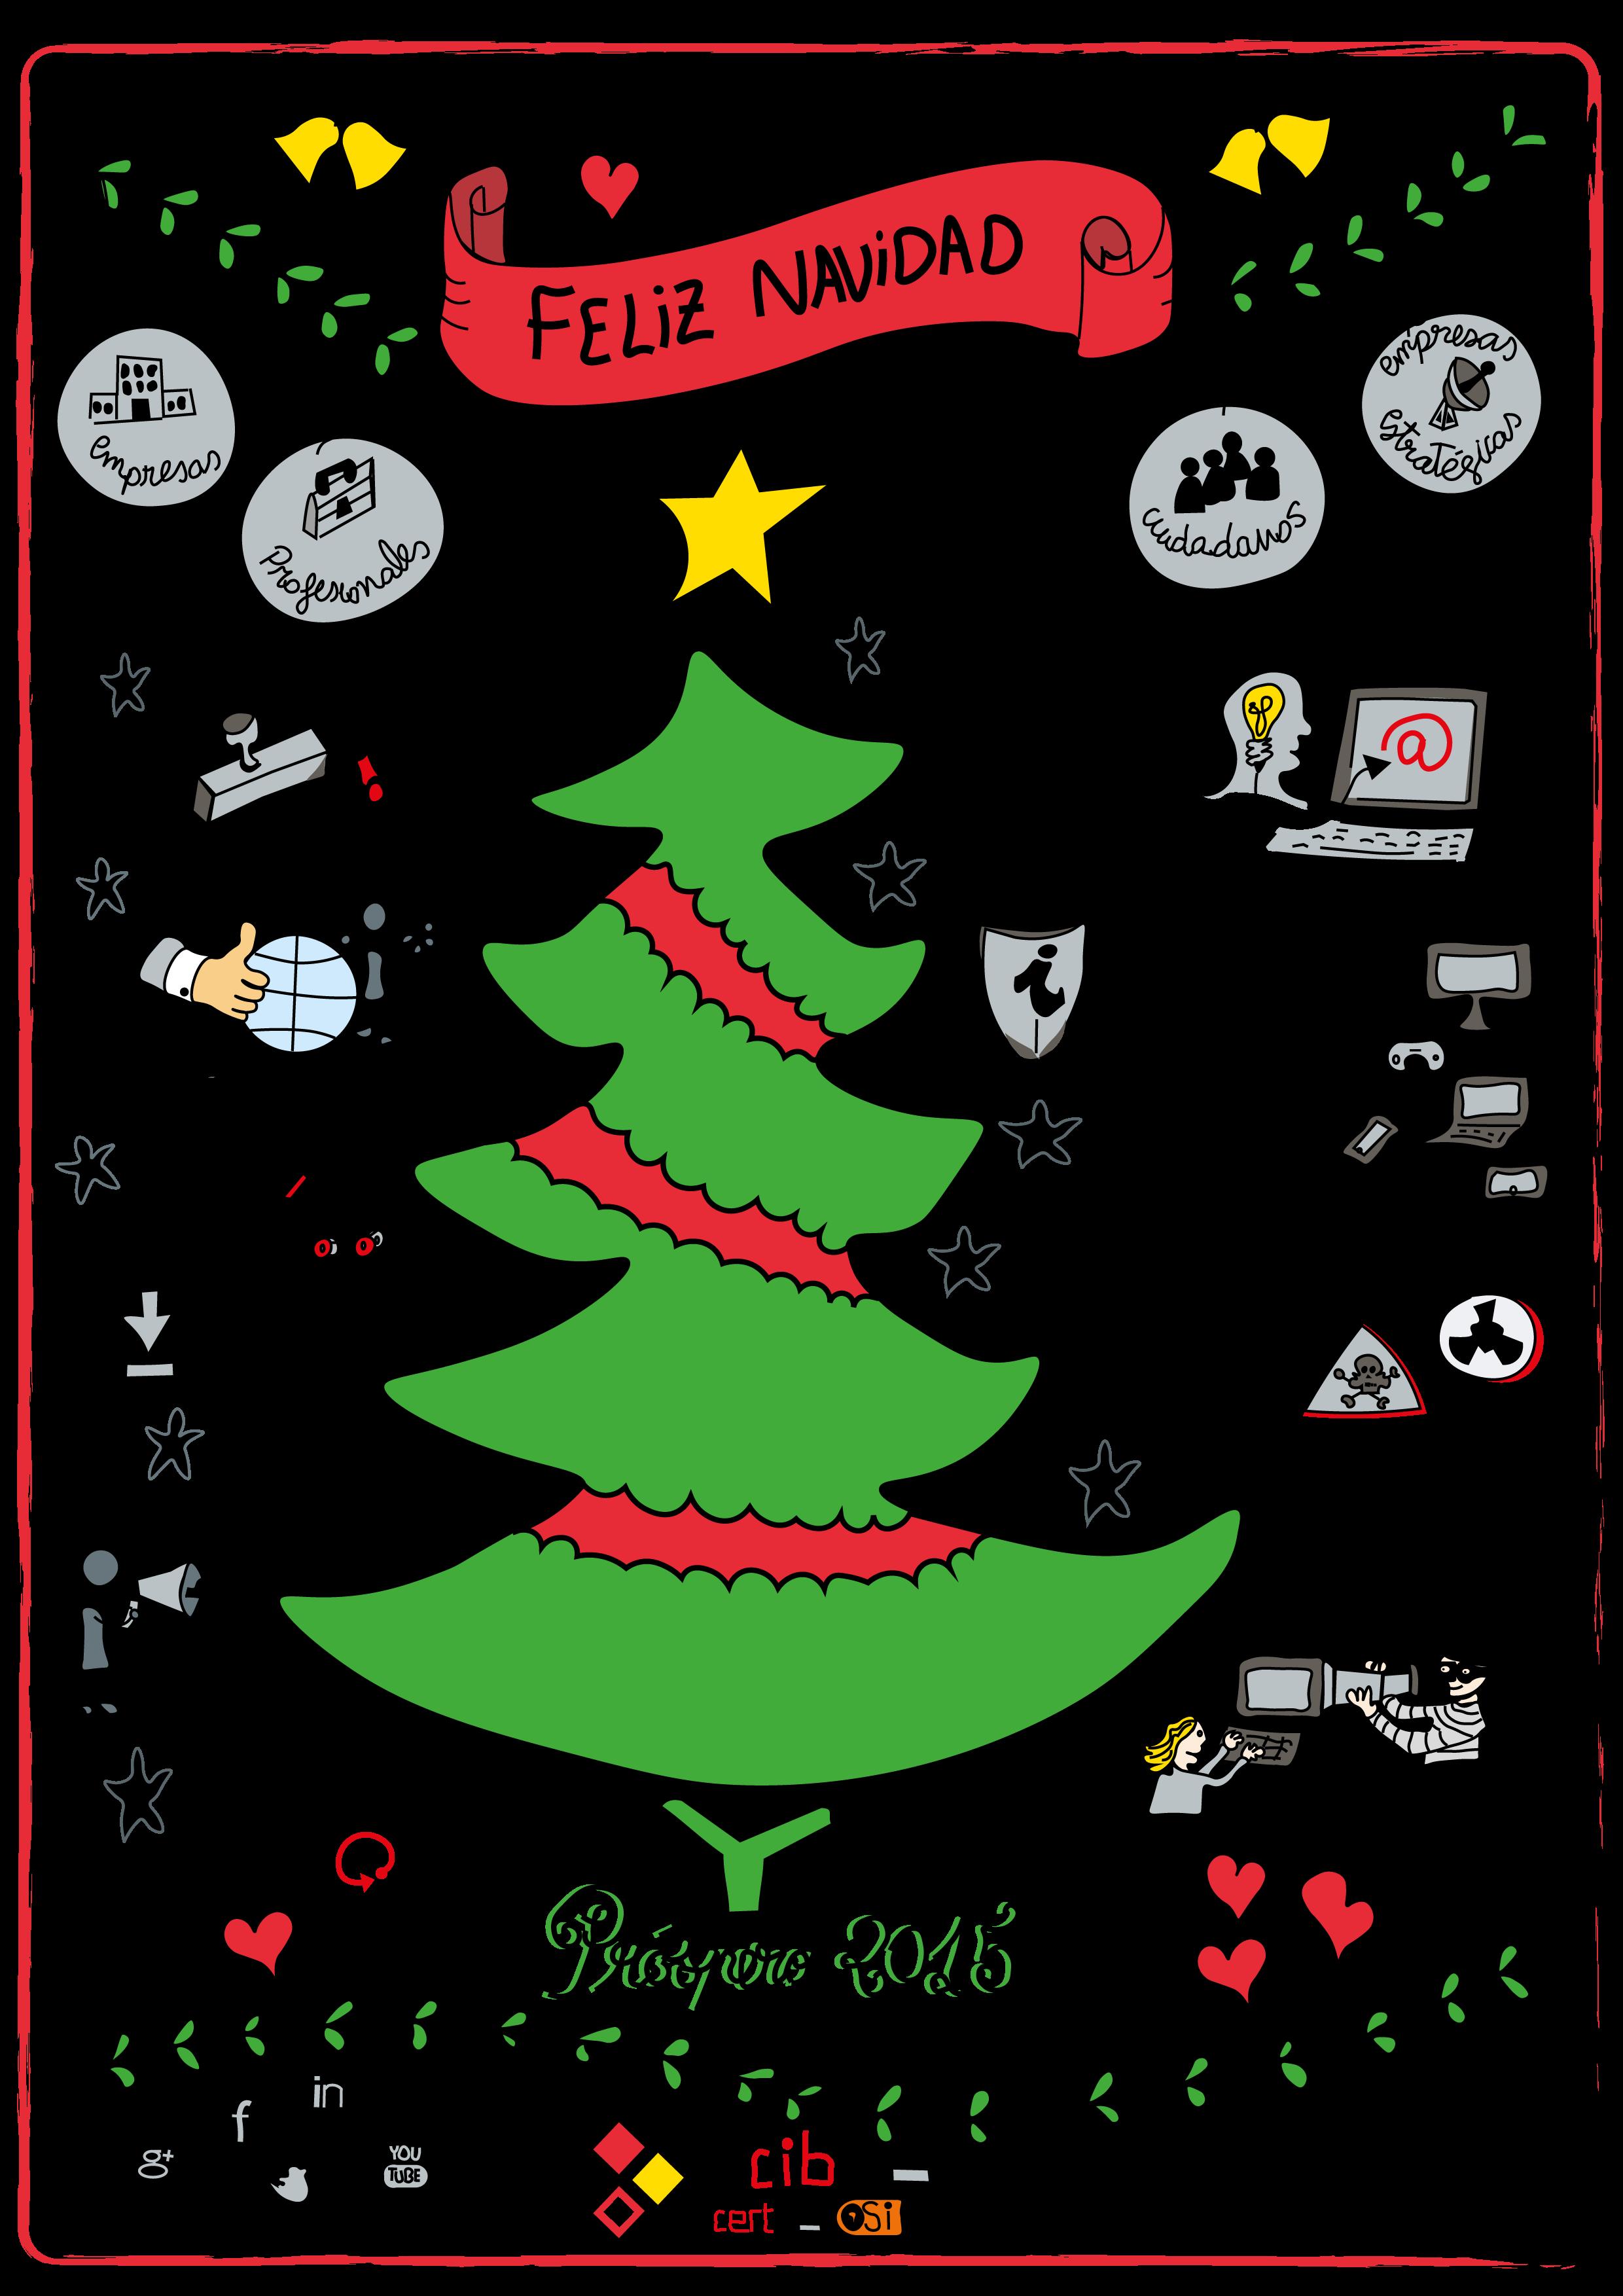 Felicitaciones Navidad Internet.Felicitacion De Navidad Decalogo Seguridad N Internet Para